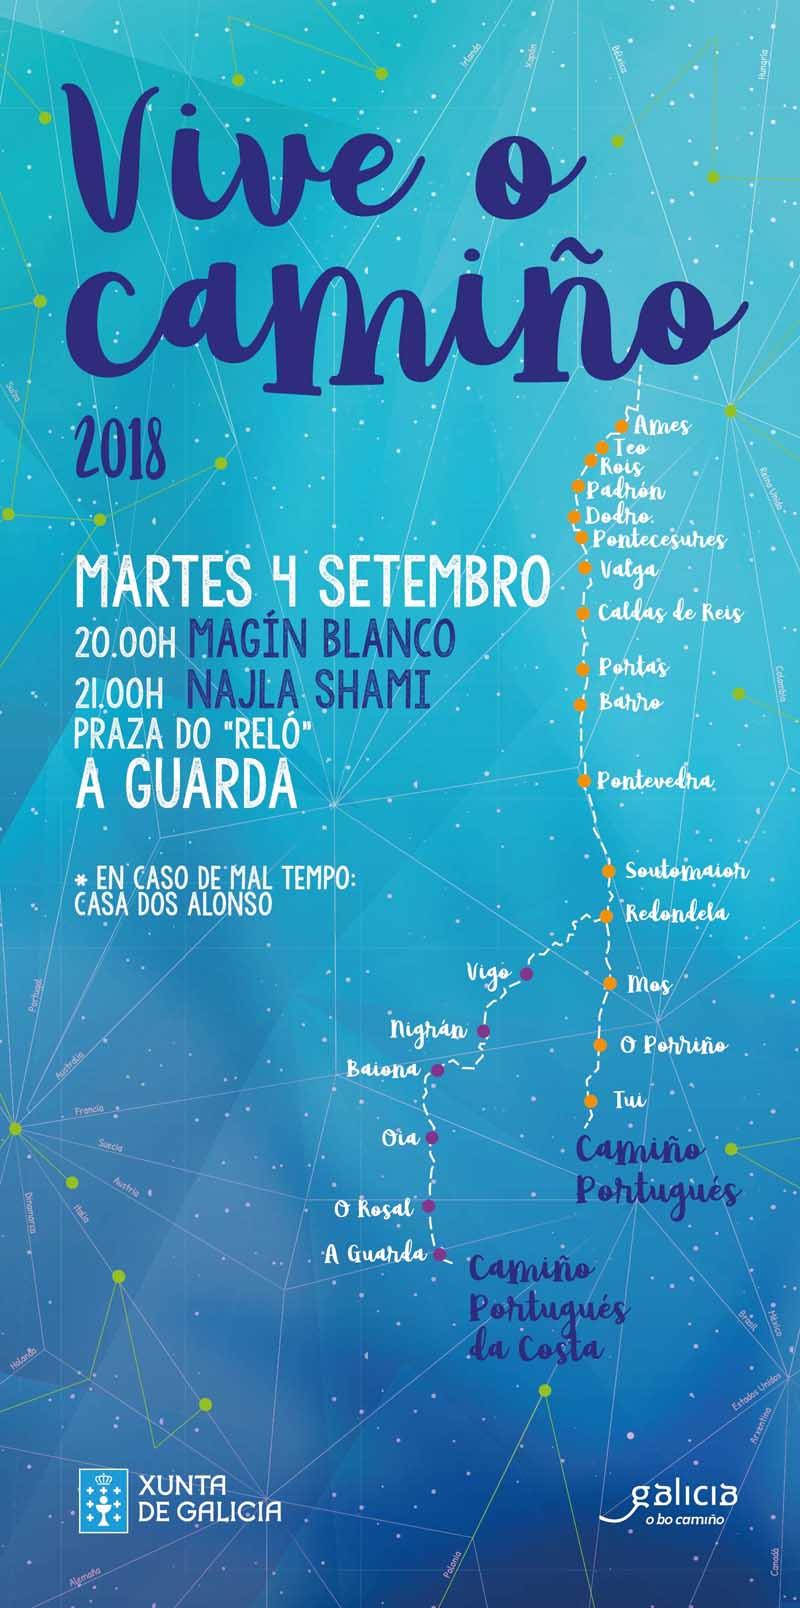 O vindeiro Martes día 4 de setembro de 2018 a Praza do Reló de A Guarda acollerá as actuacións de Magín Blanco e Najla Shami, enmarcadas no programa Vive o Camiño 2018 do Plan Director e Estratéxico do Camiño de Santiago en Galicia 2015-2021.